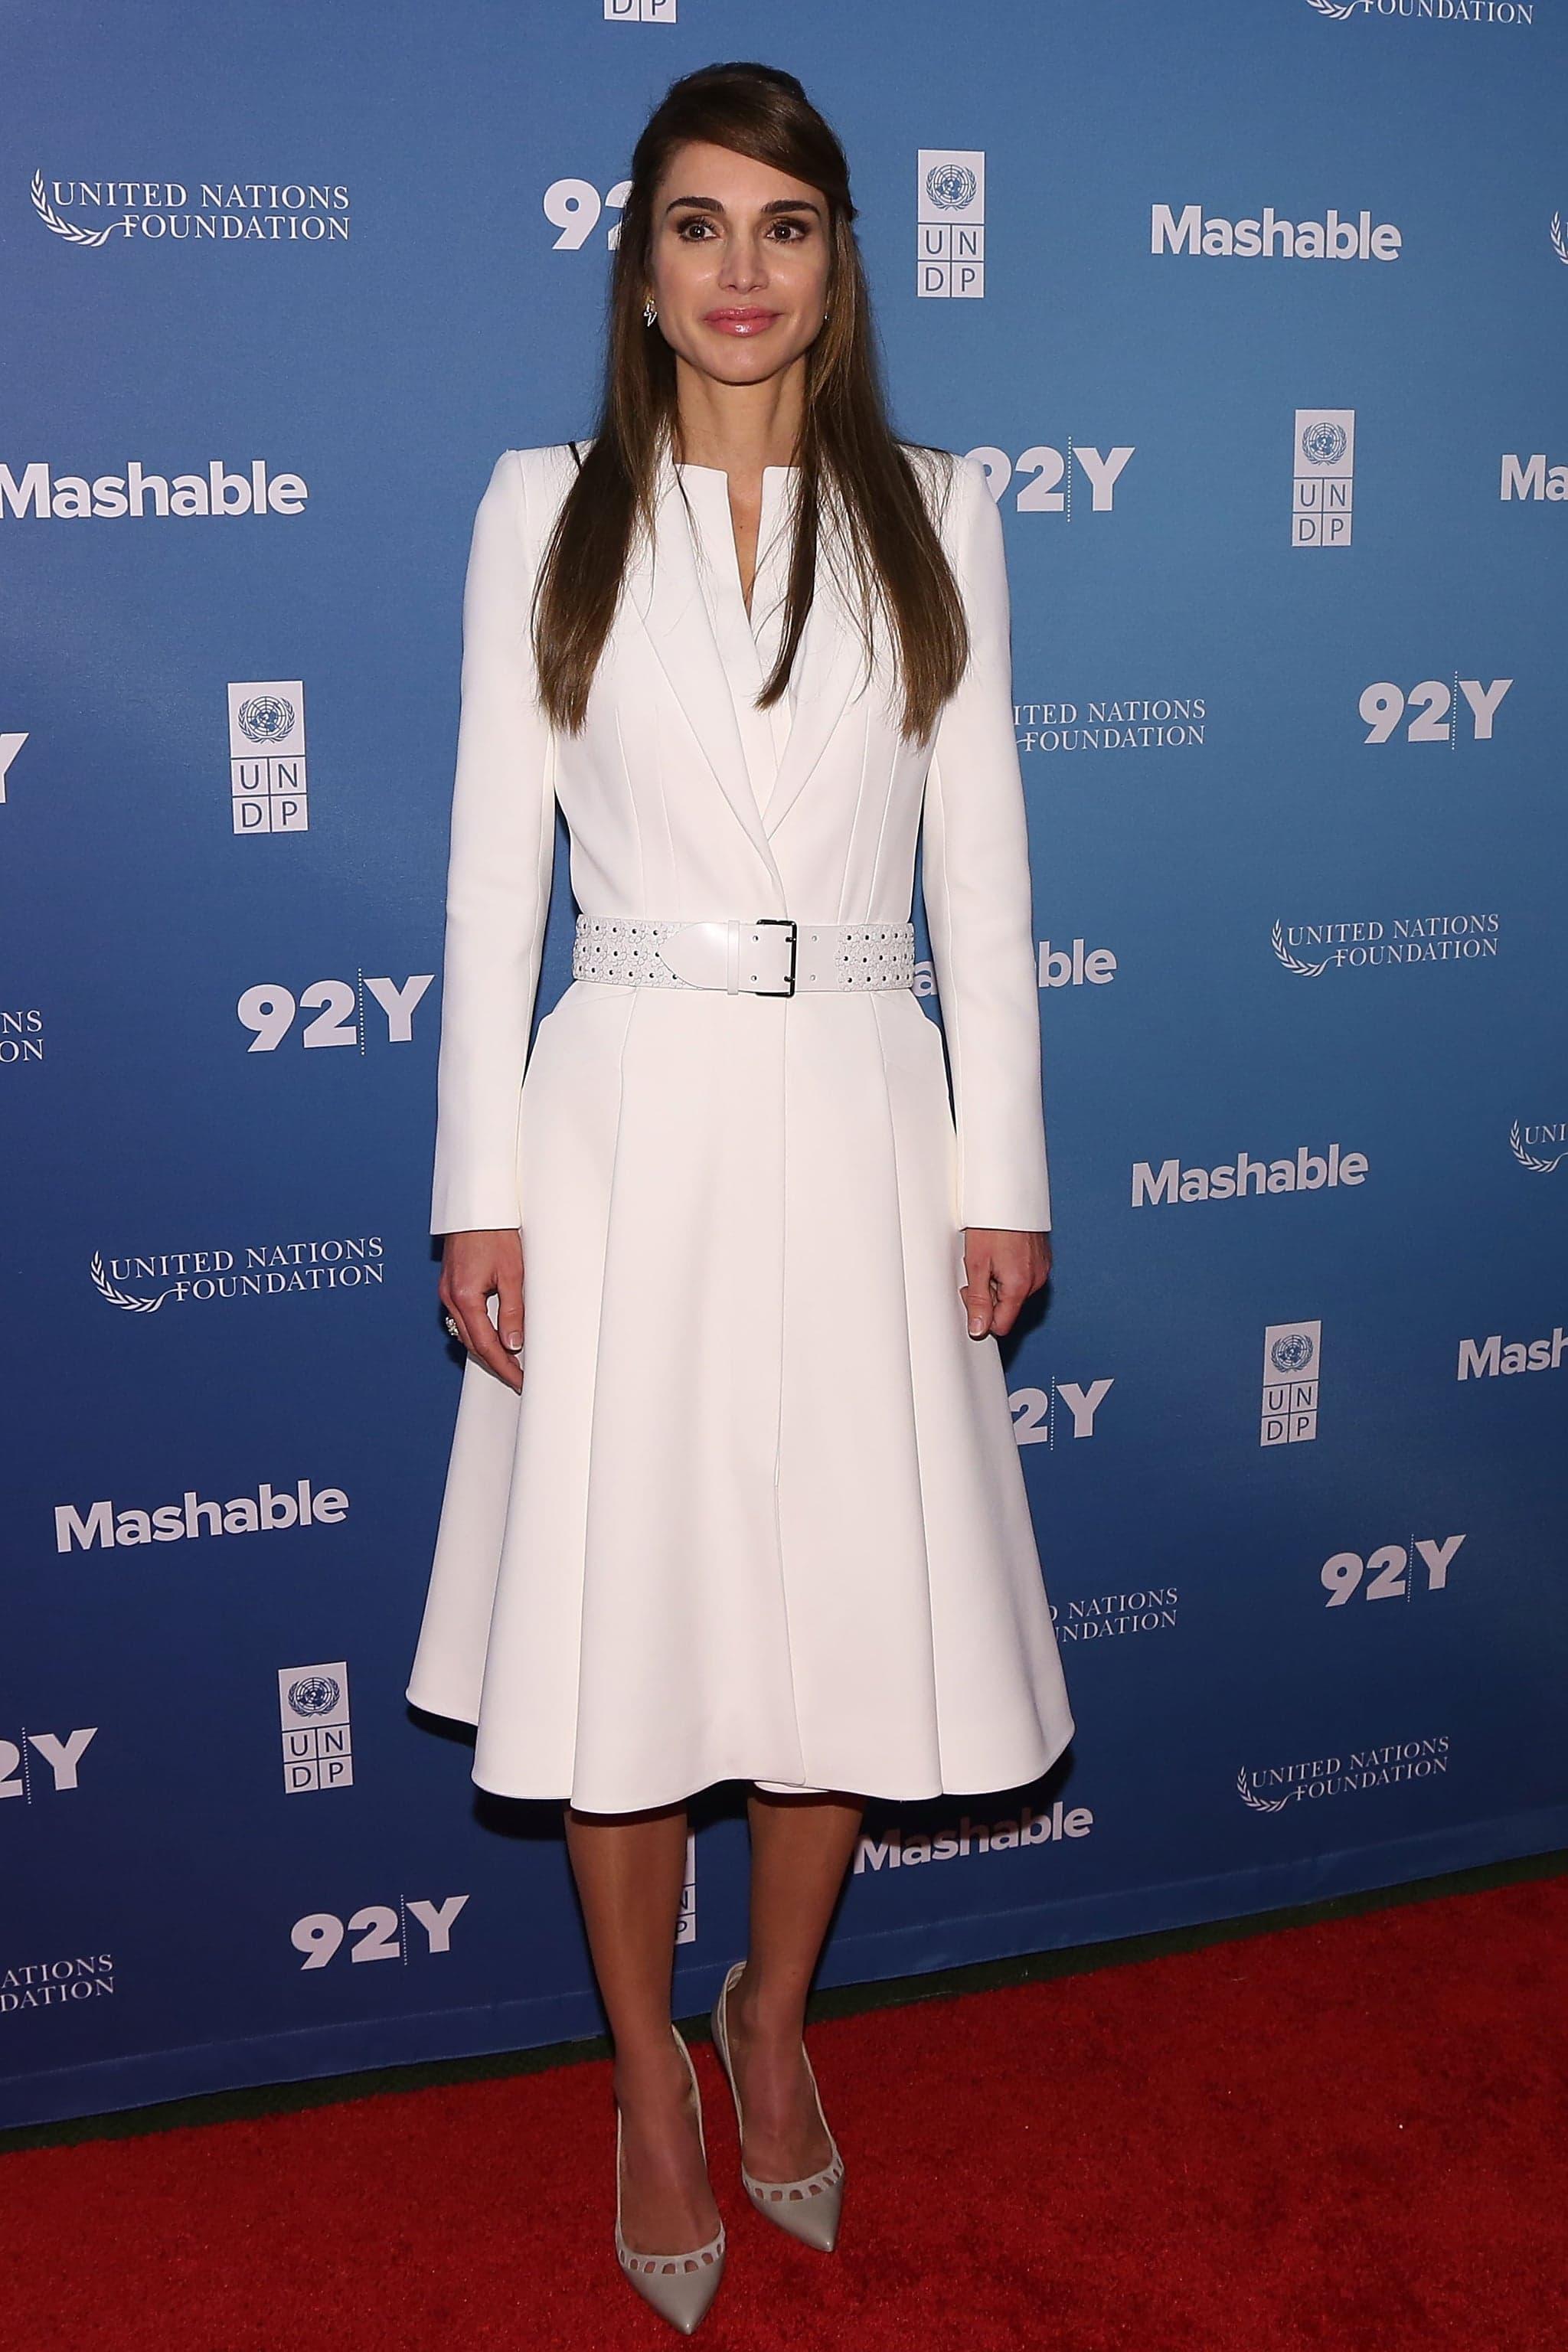 Queen Rania of Jordan wearing Alexander McQueen in 2015. Photo:Getty/Taylor Hill.